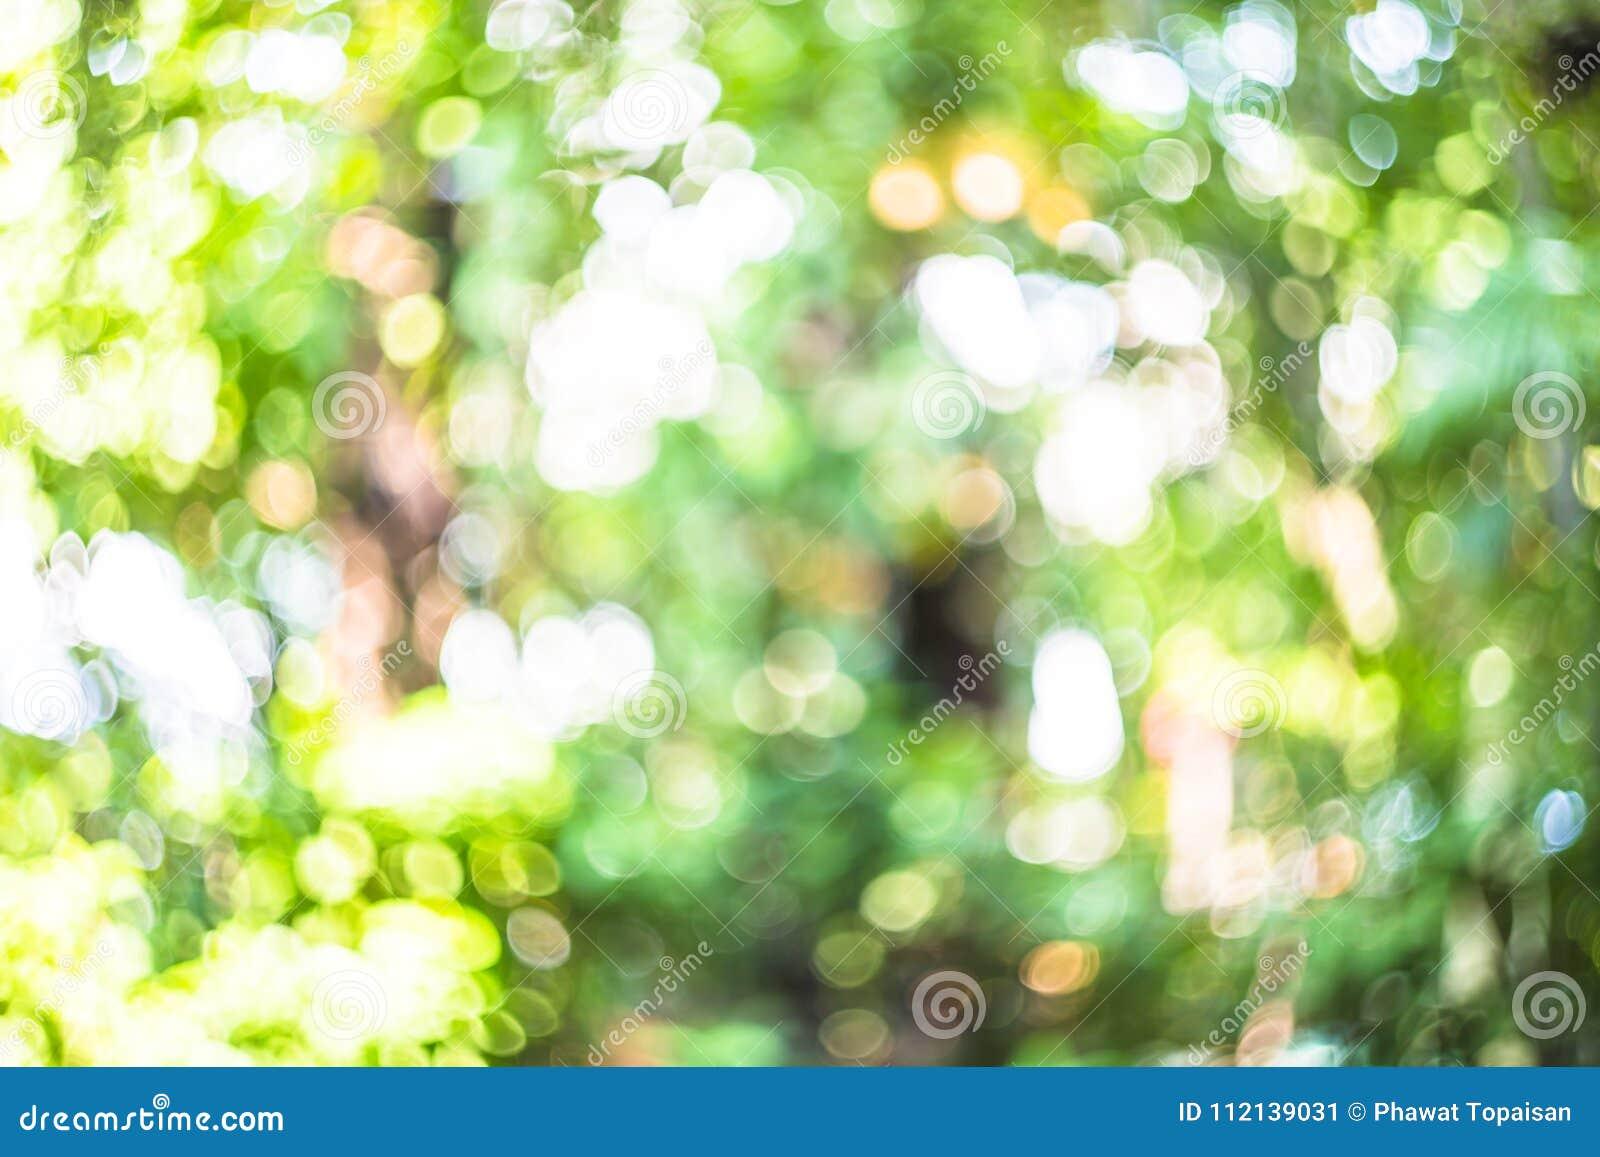 Naturlig bokehbakgrund, ny sund grön bio bakgrund med abstrakt suddig lövverk och ljust sommarsolljus